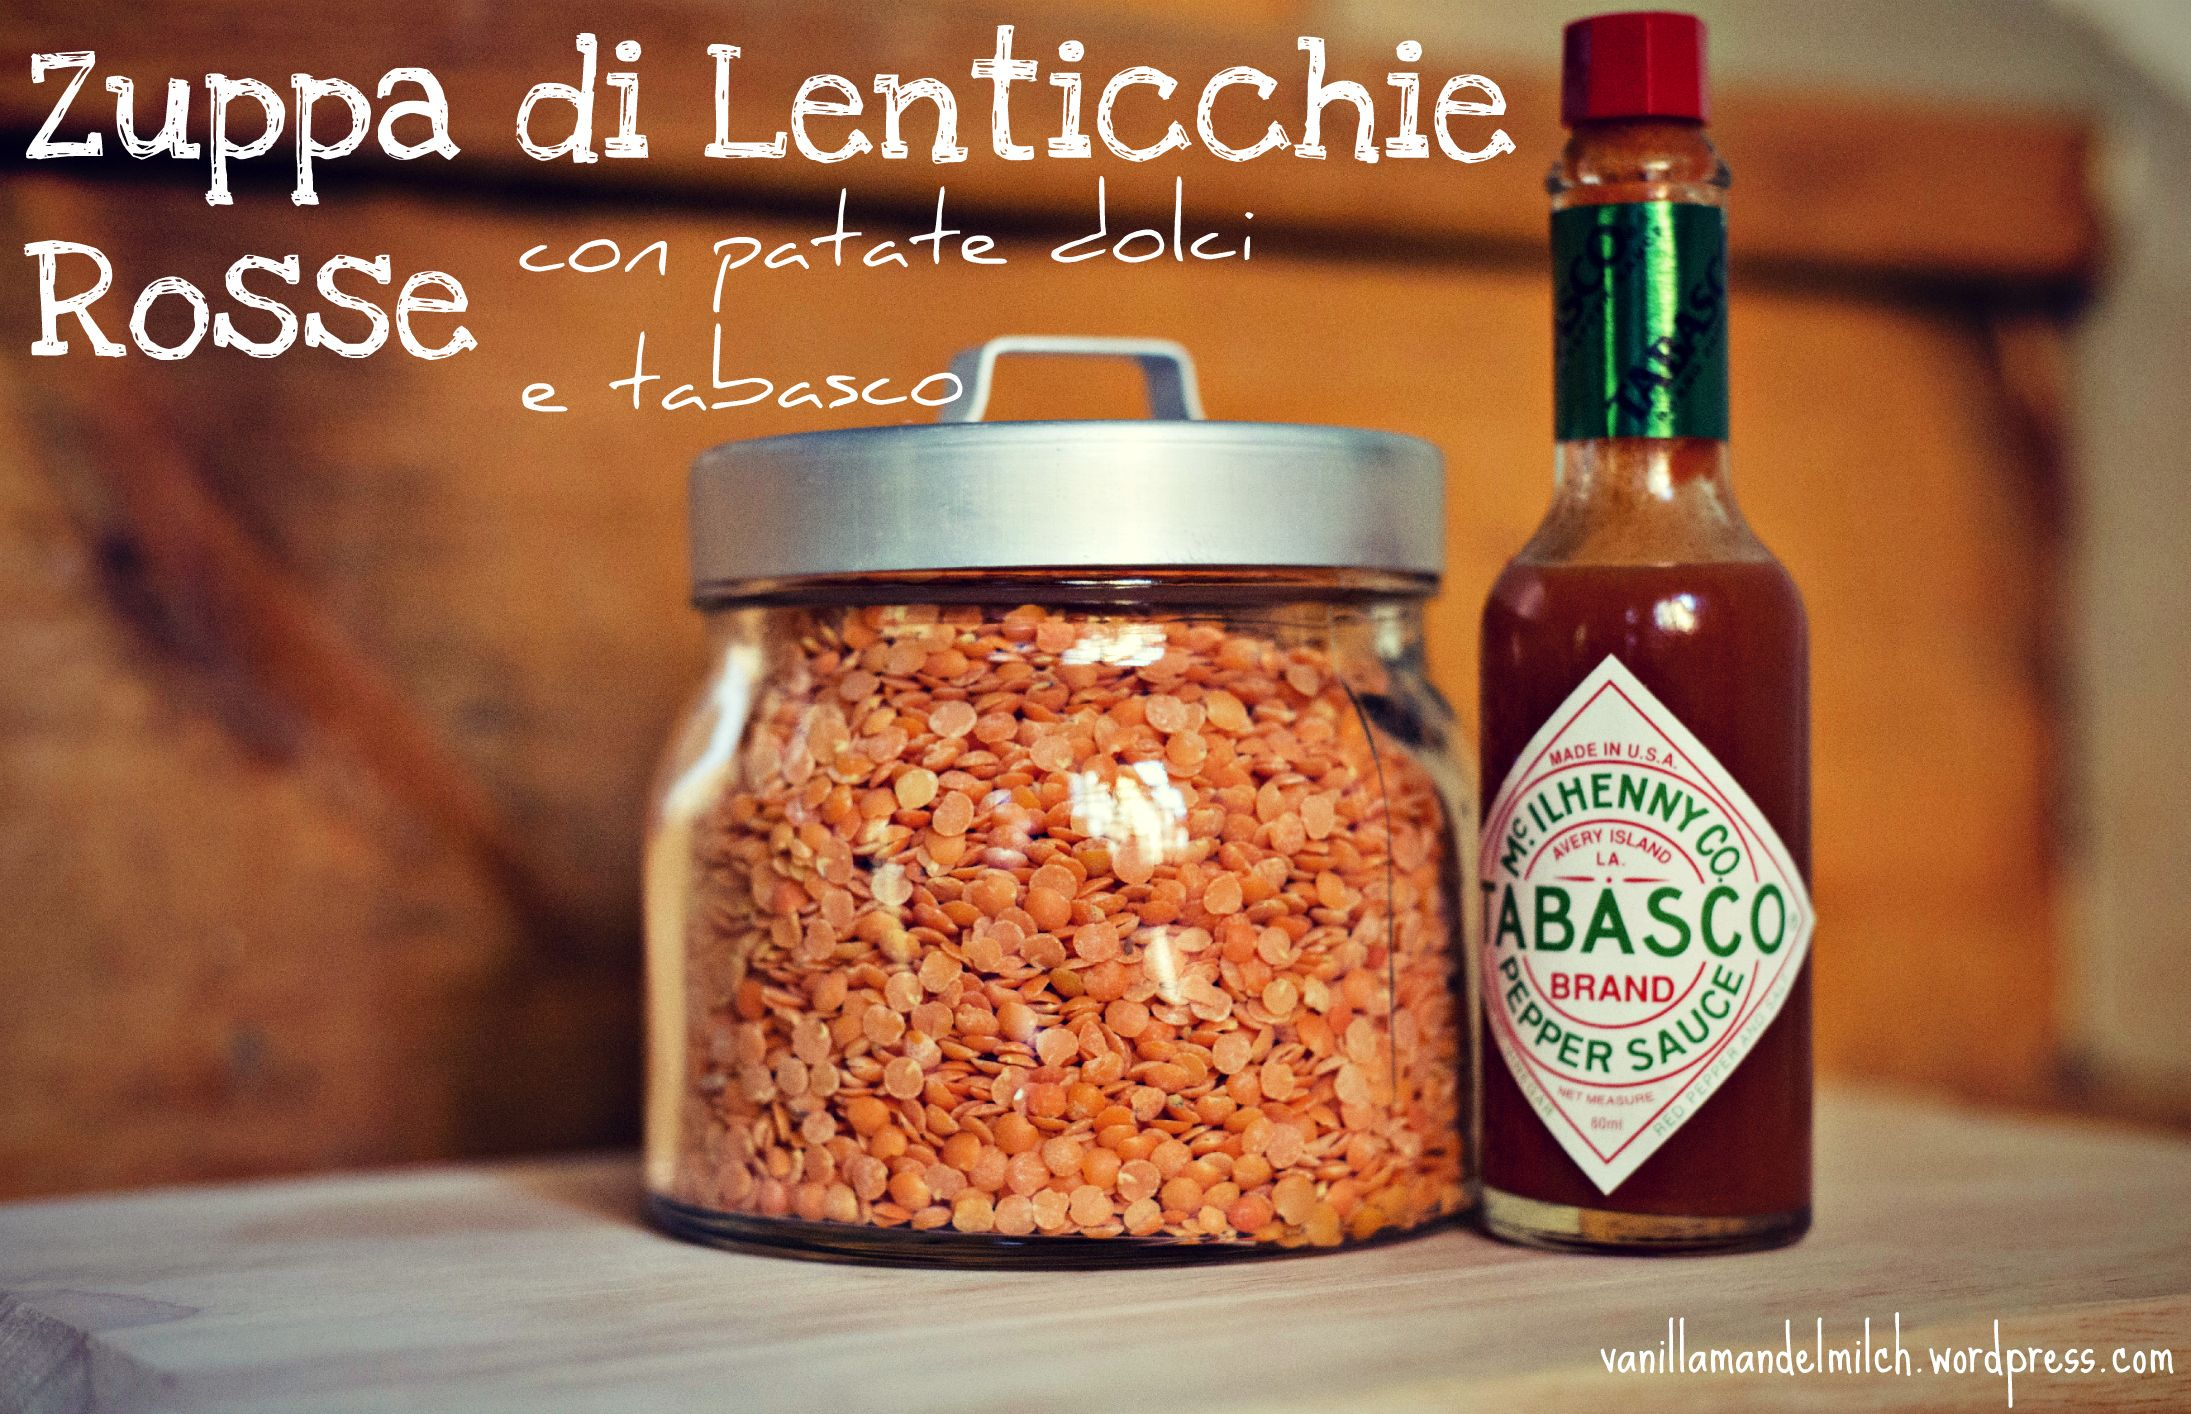 zuppa di lenticchie rosse con patate dolci e tabasco